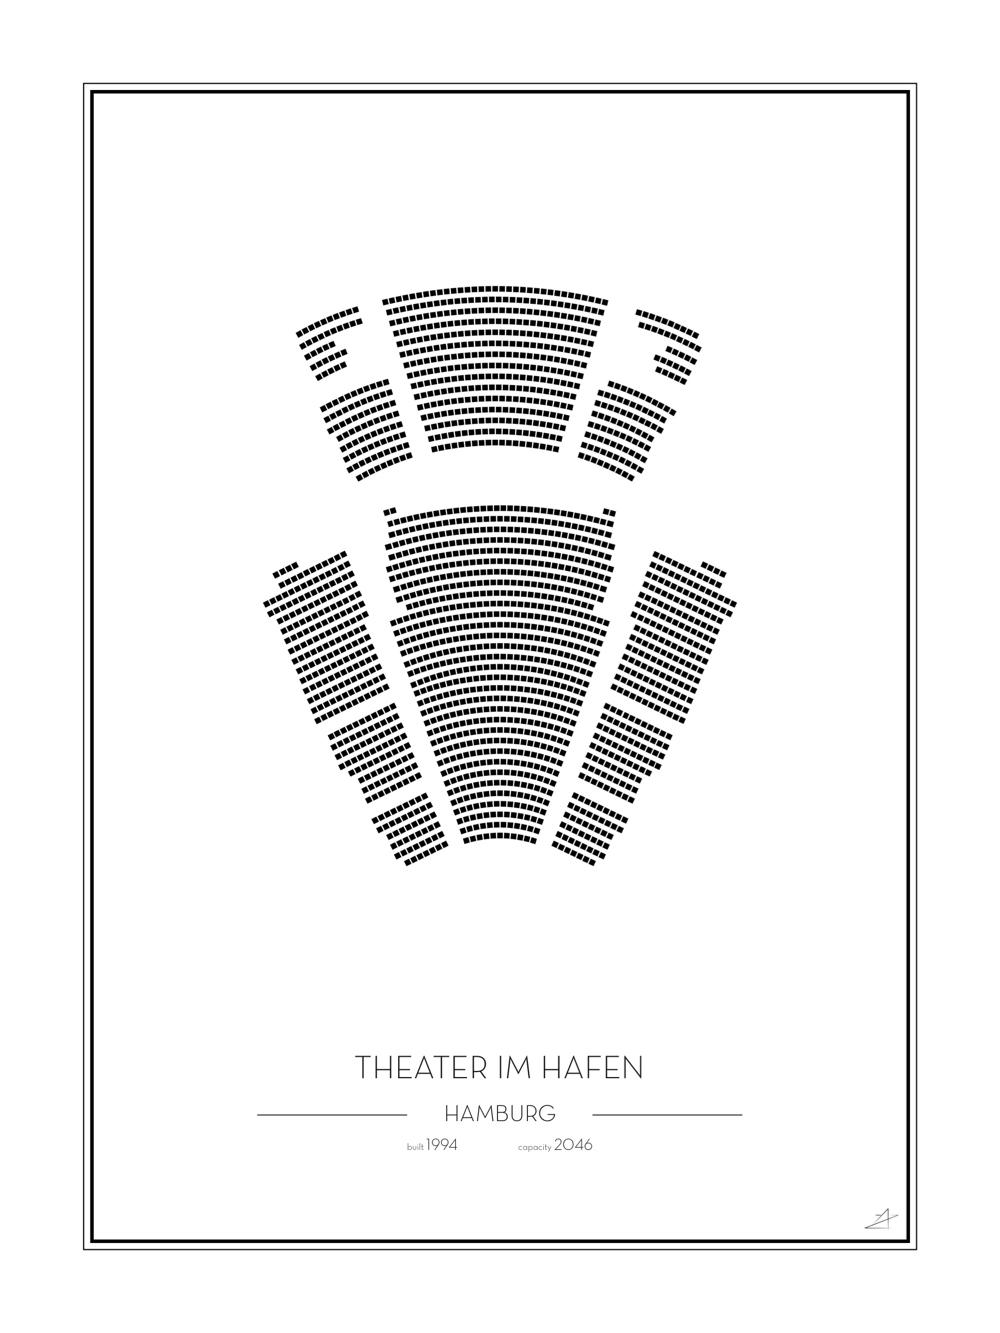 300x400 theater im hafen